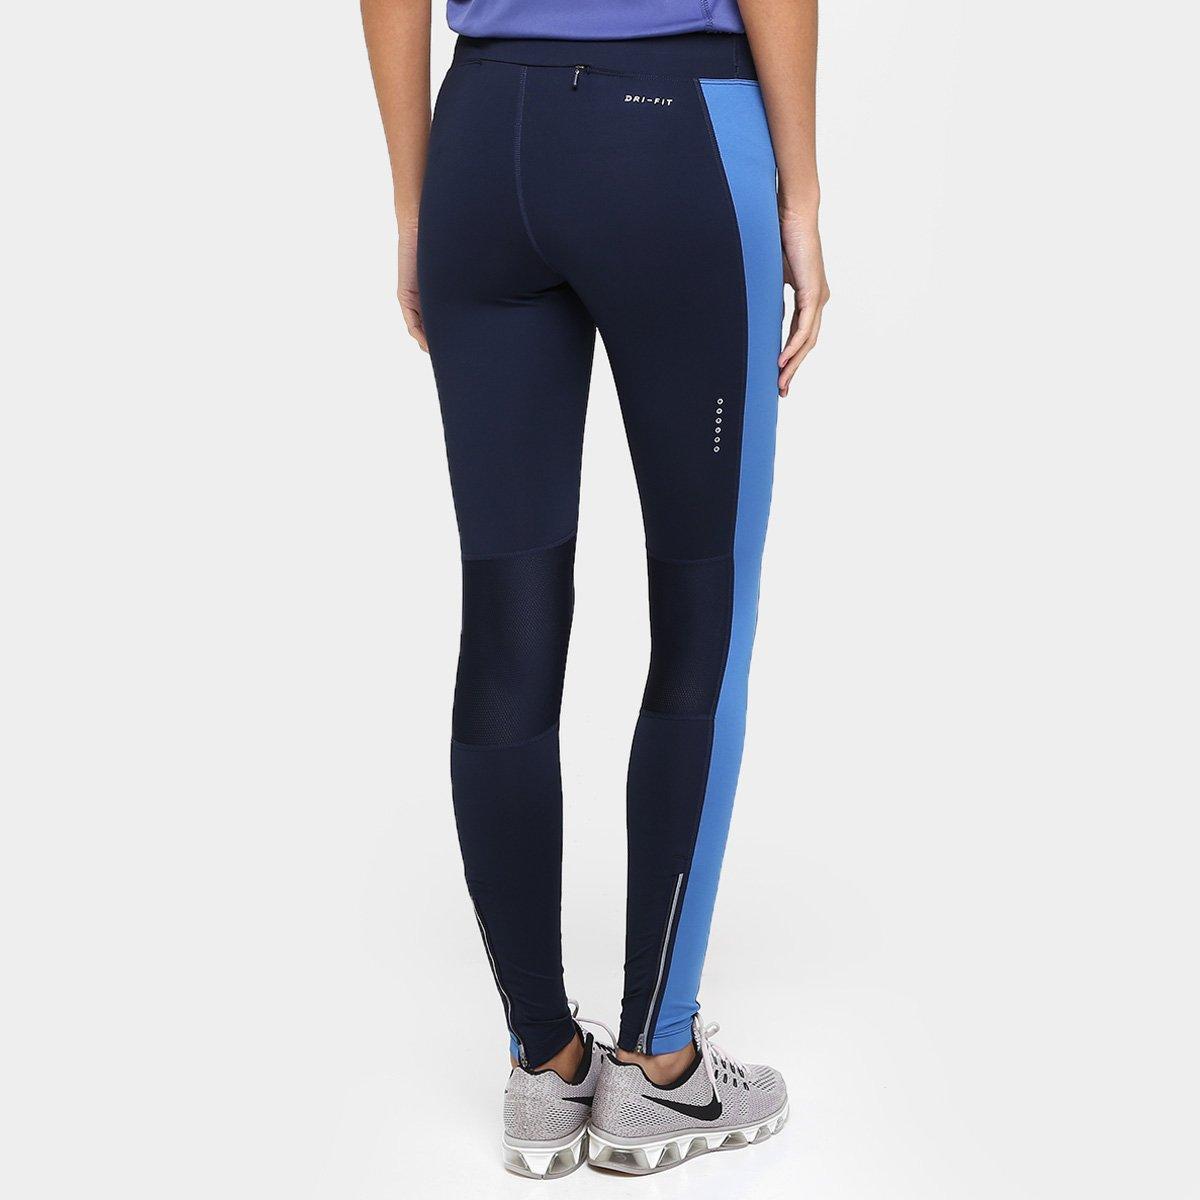 Calça Legging Nike Dri-Fit Pace Tight Feminina - Compre Agora  a0461bb85f16e